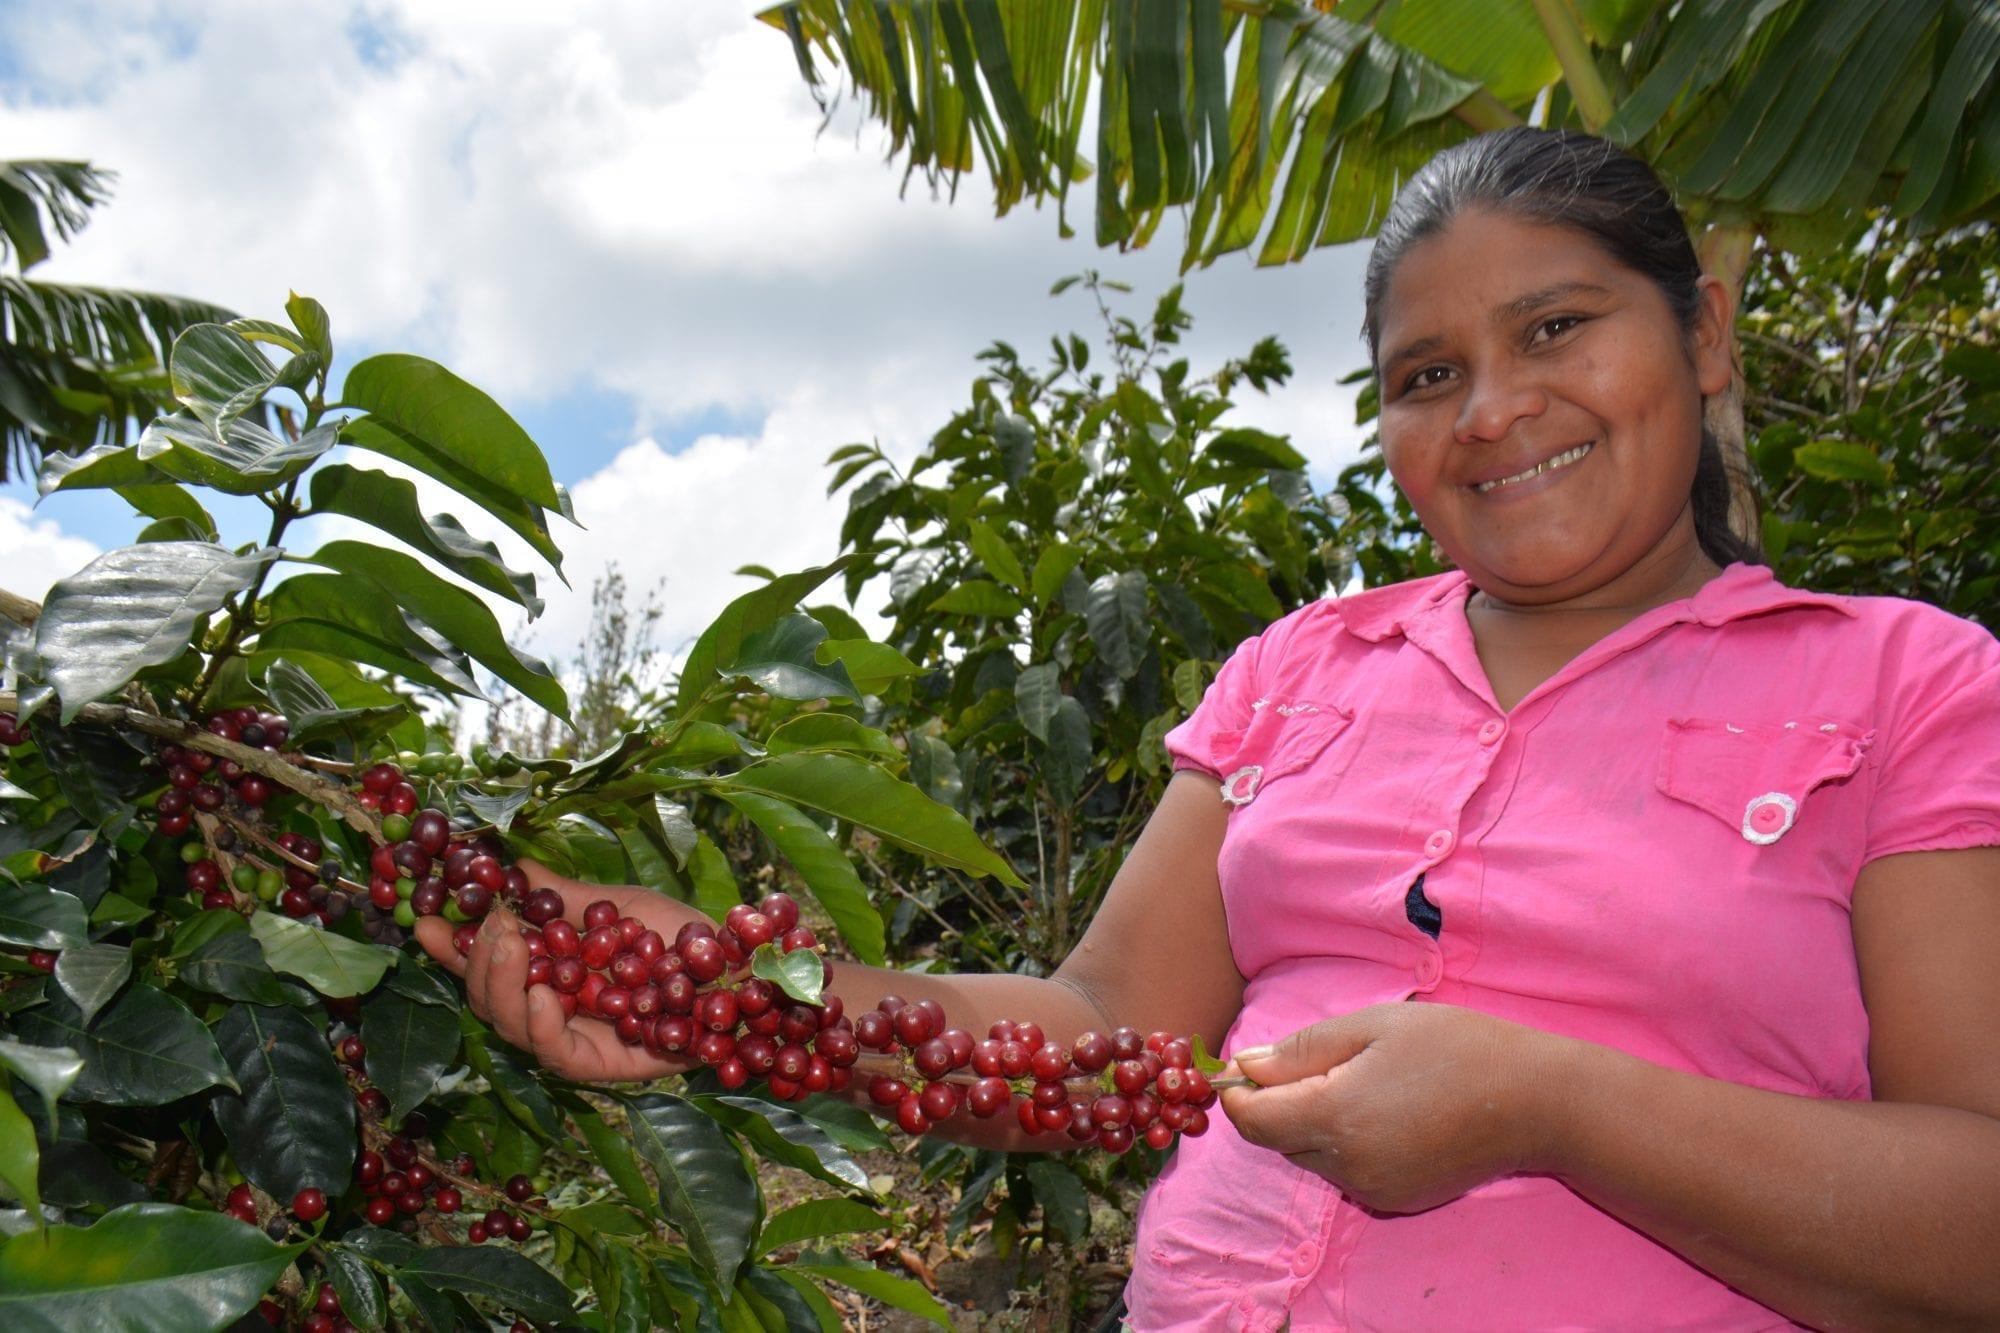 Reyna Garcia is a coffee farmer in Honduras